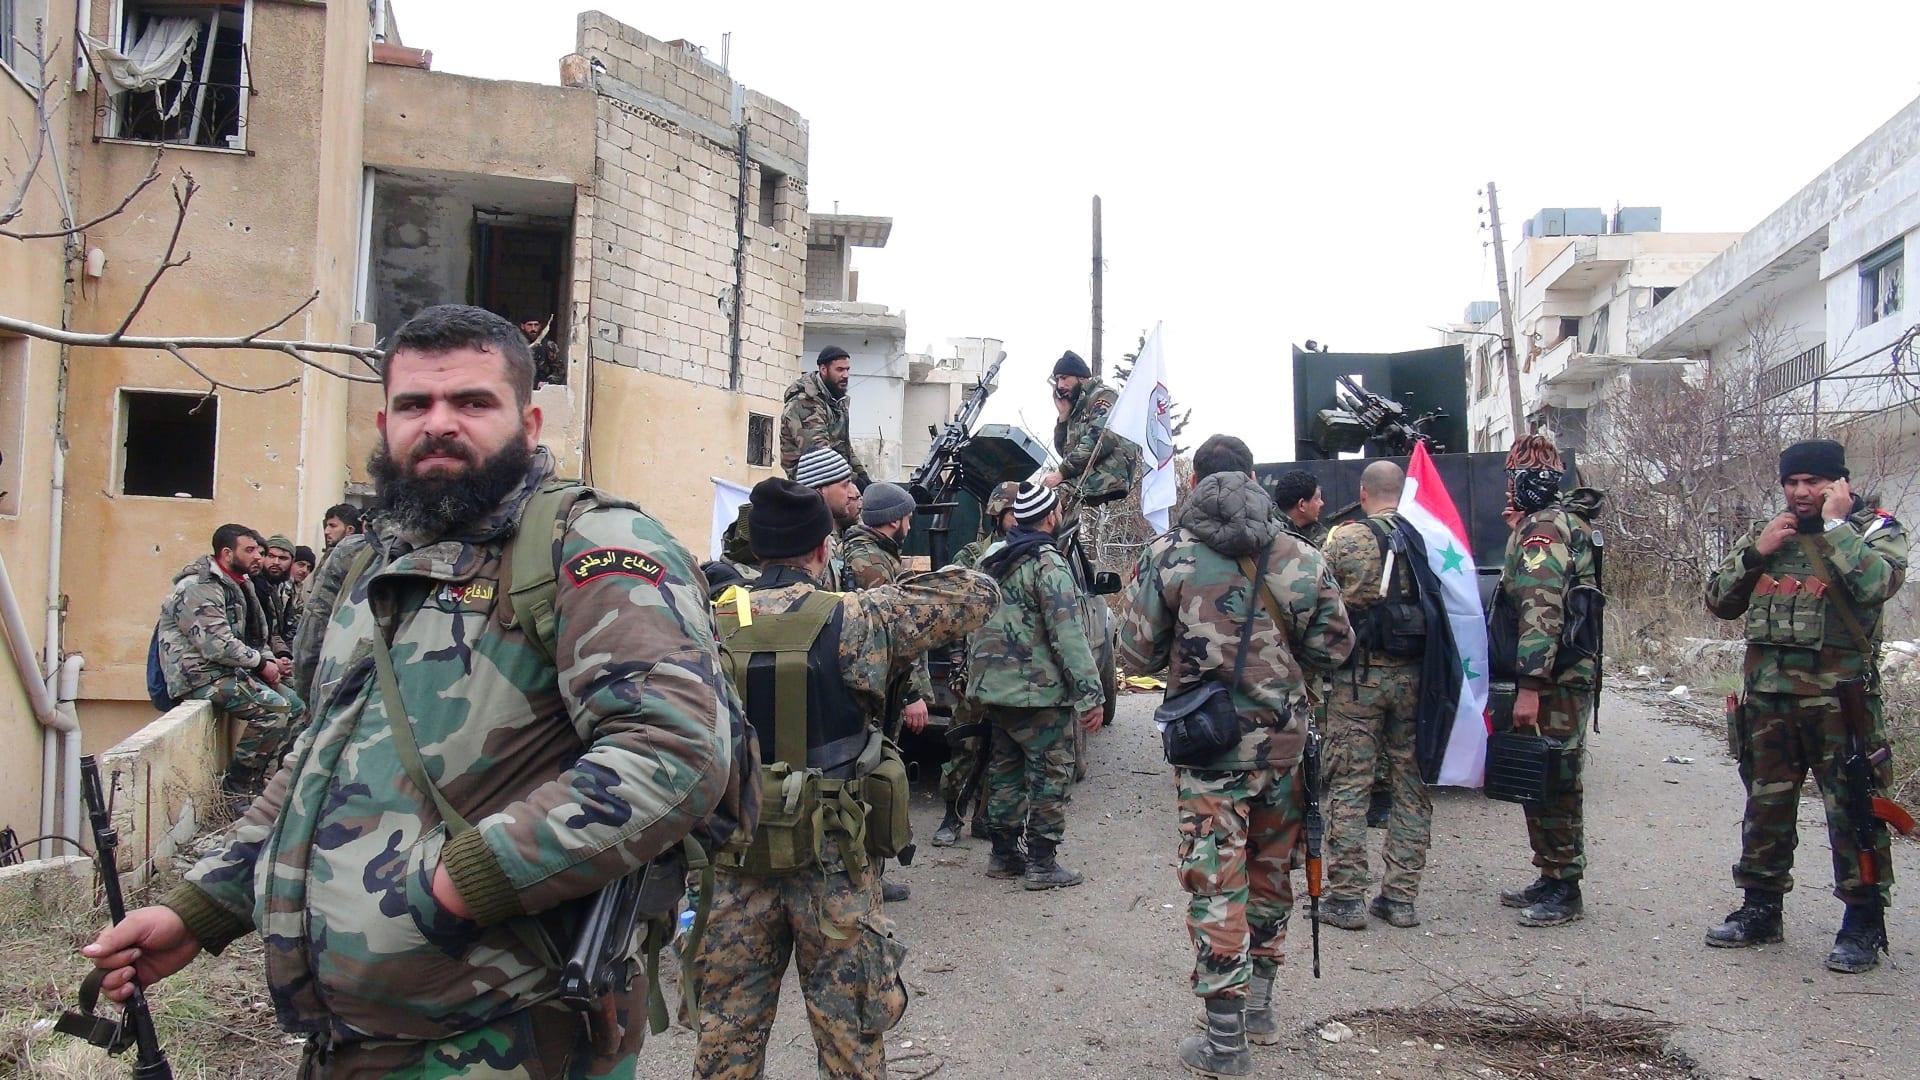 سوريا: النظام يستعيد السيطرة على آخر معاقل المعارضة في اللاذقية